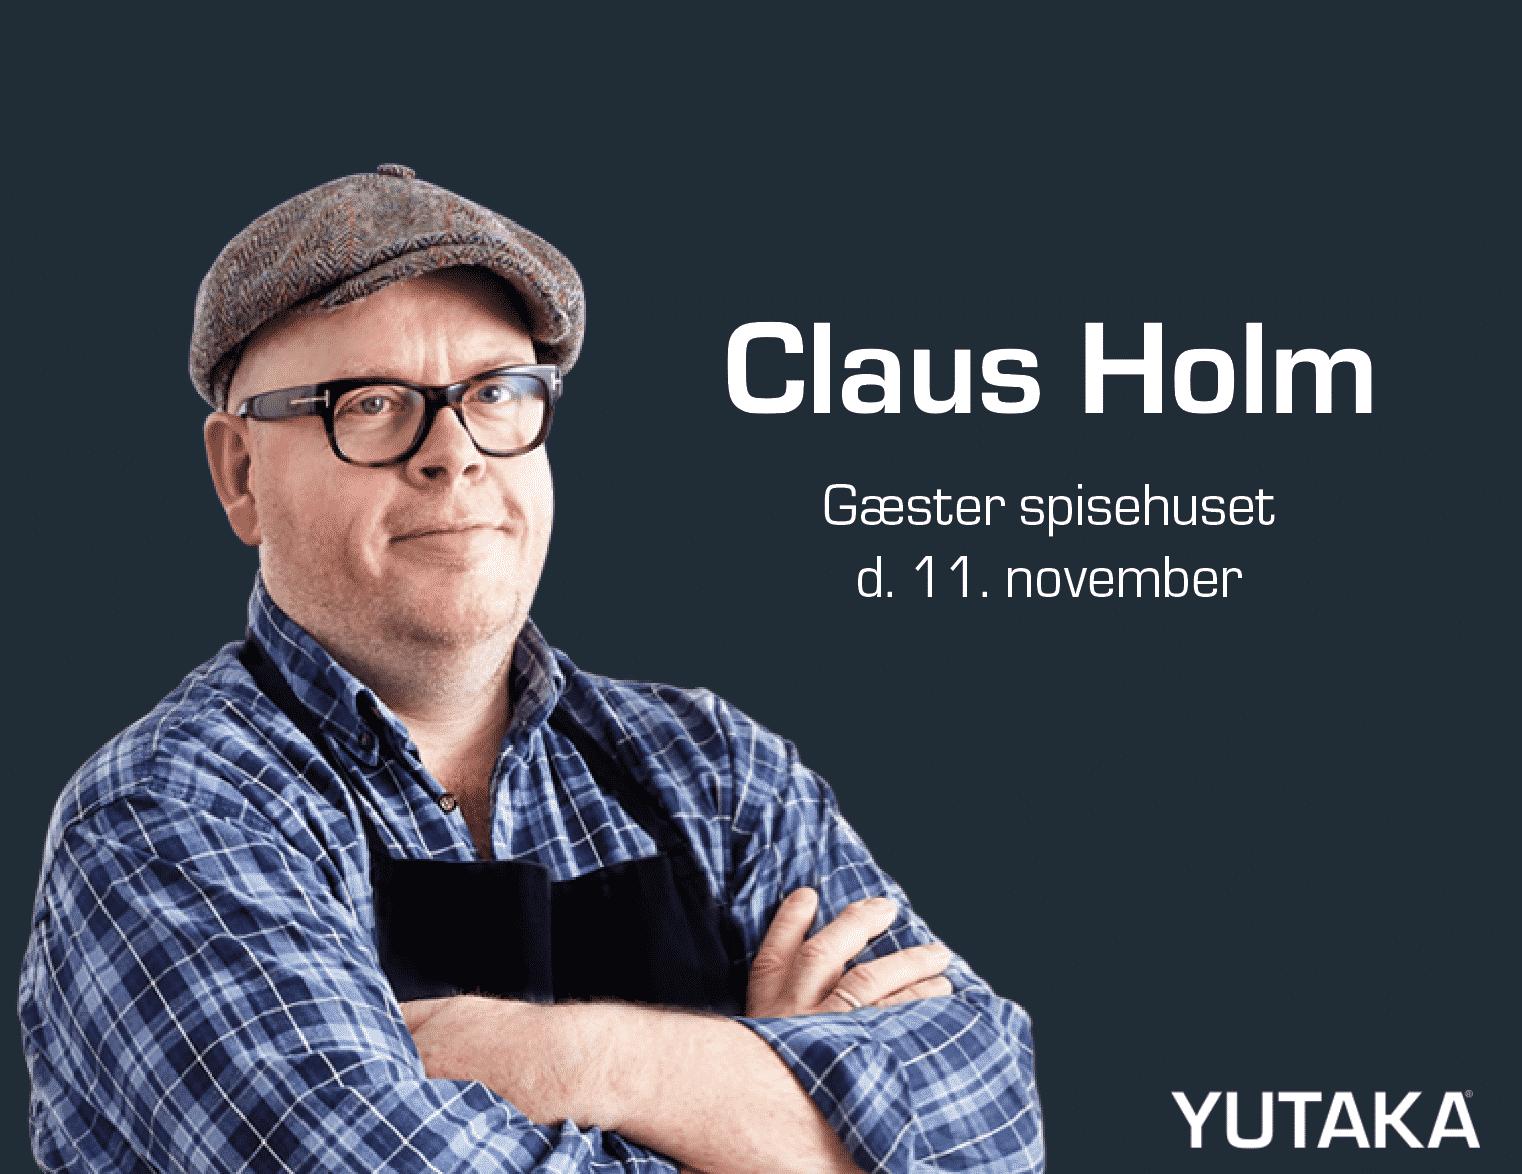 Claus Holm